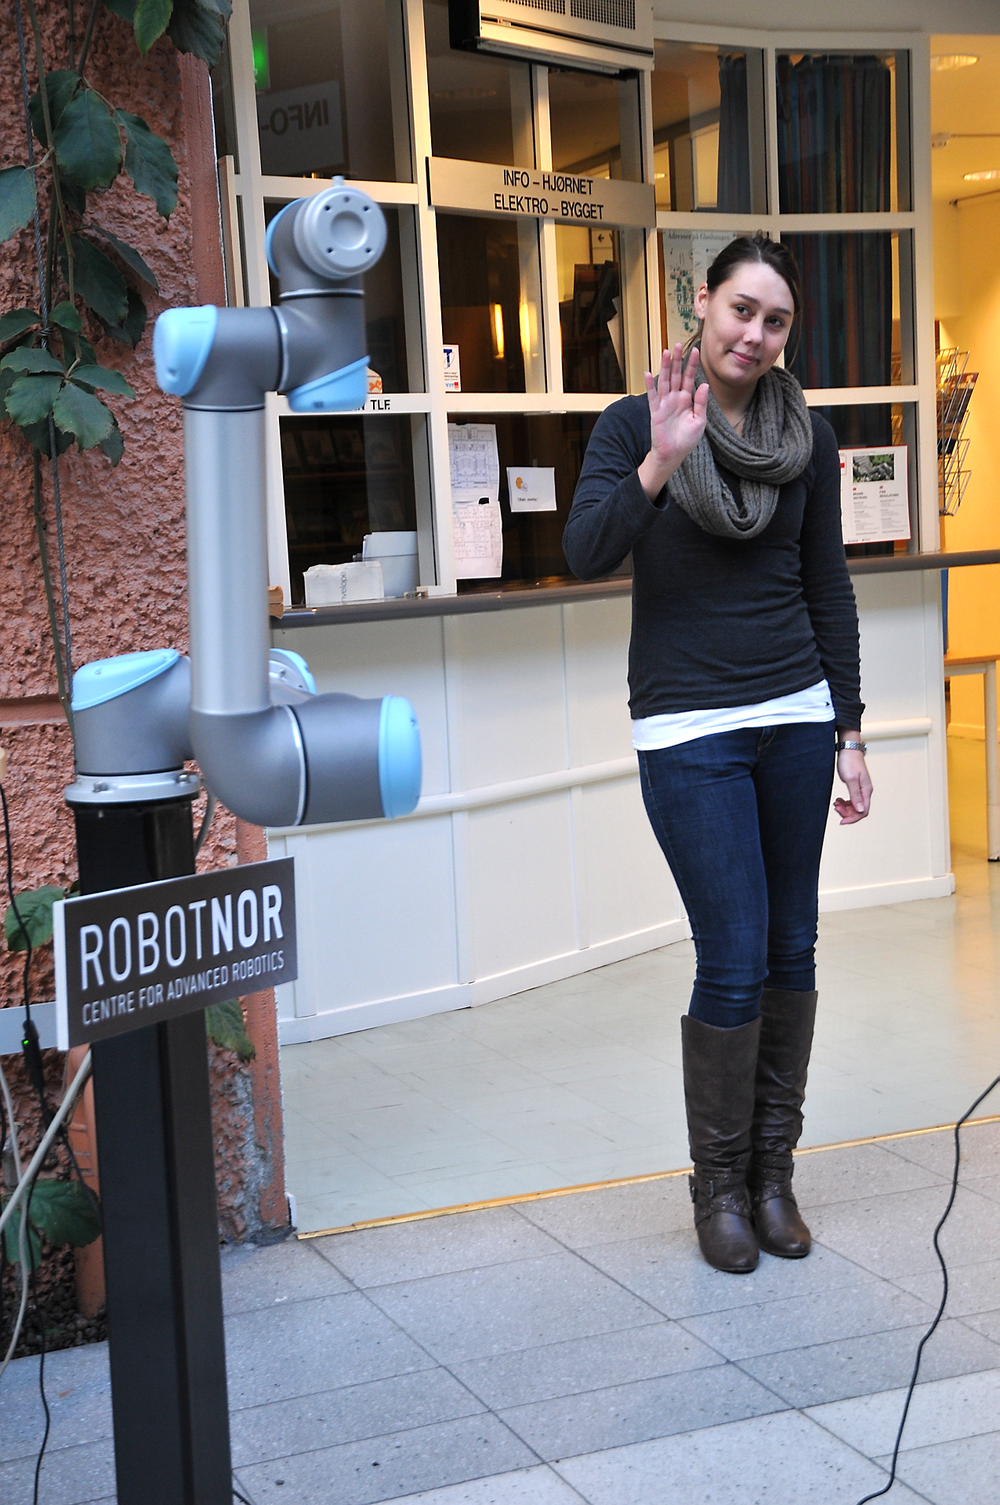 NTNU legger mer vekt på robotisering i masterstudiet for kybernetikk og åpner en studiemulighet for kandidater med bachelorgrad også utenfor automatiseringsfaget (arkivfoto).